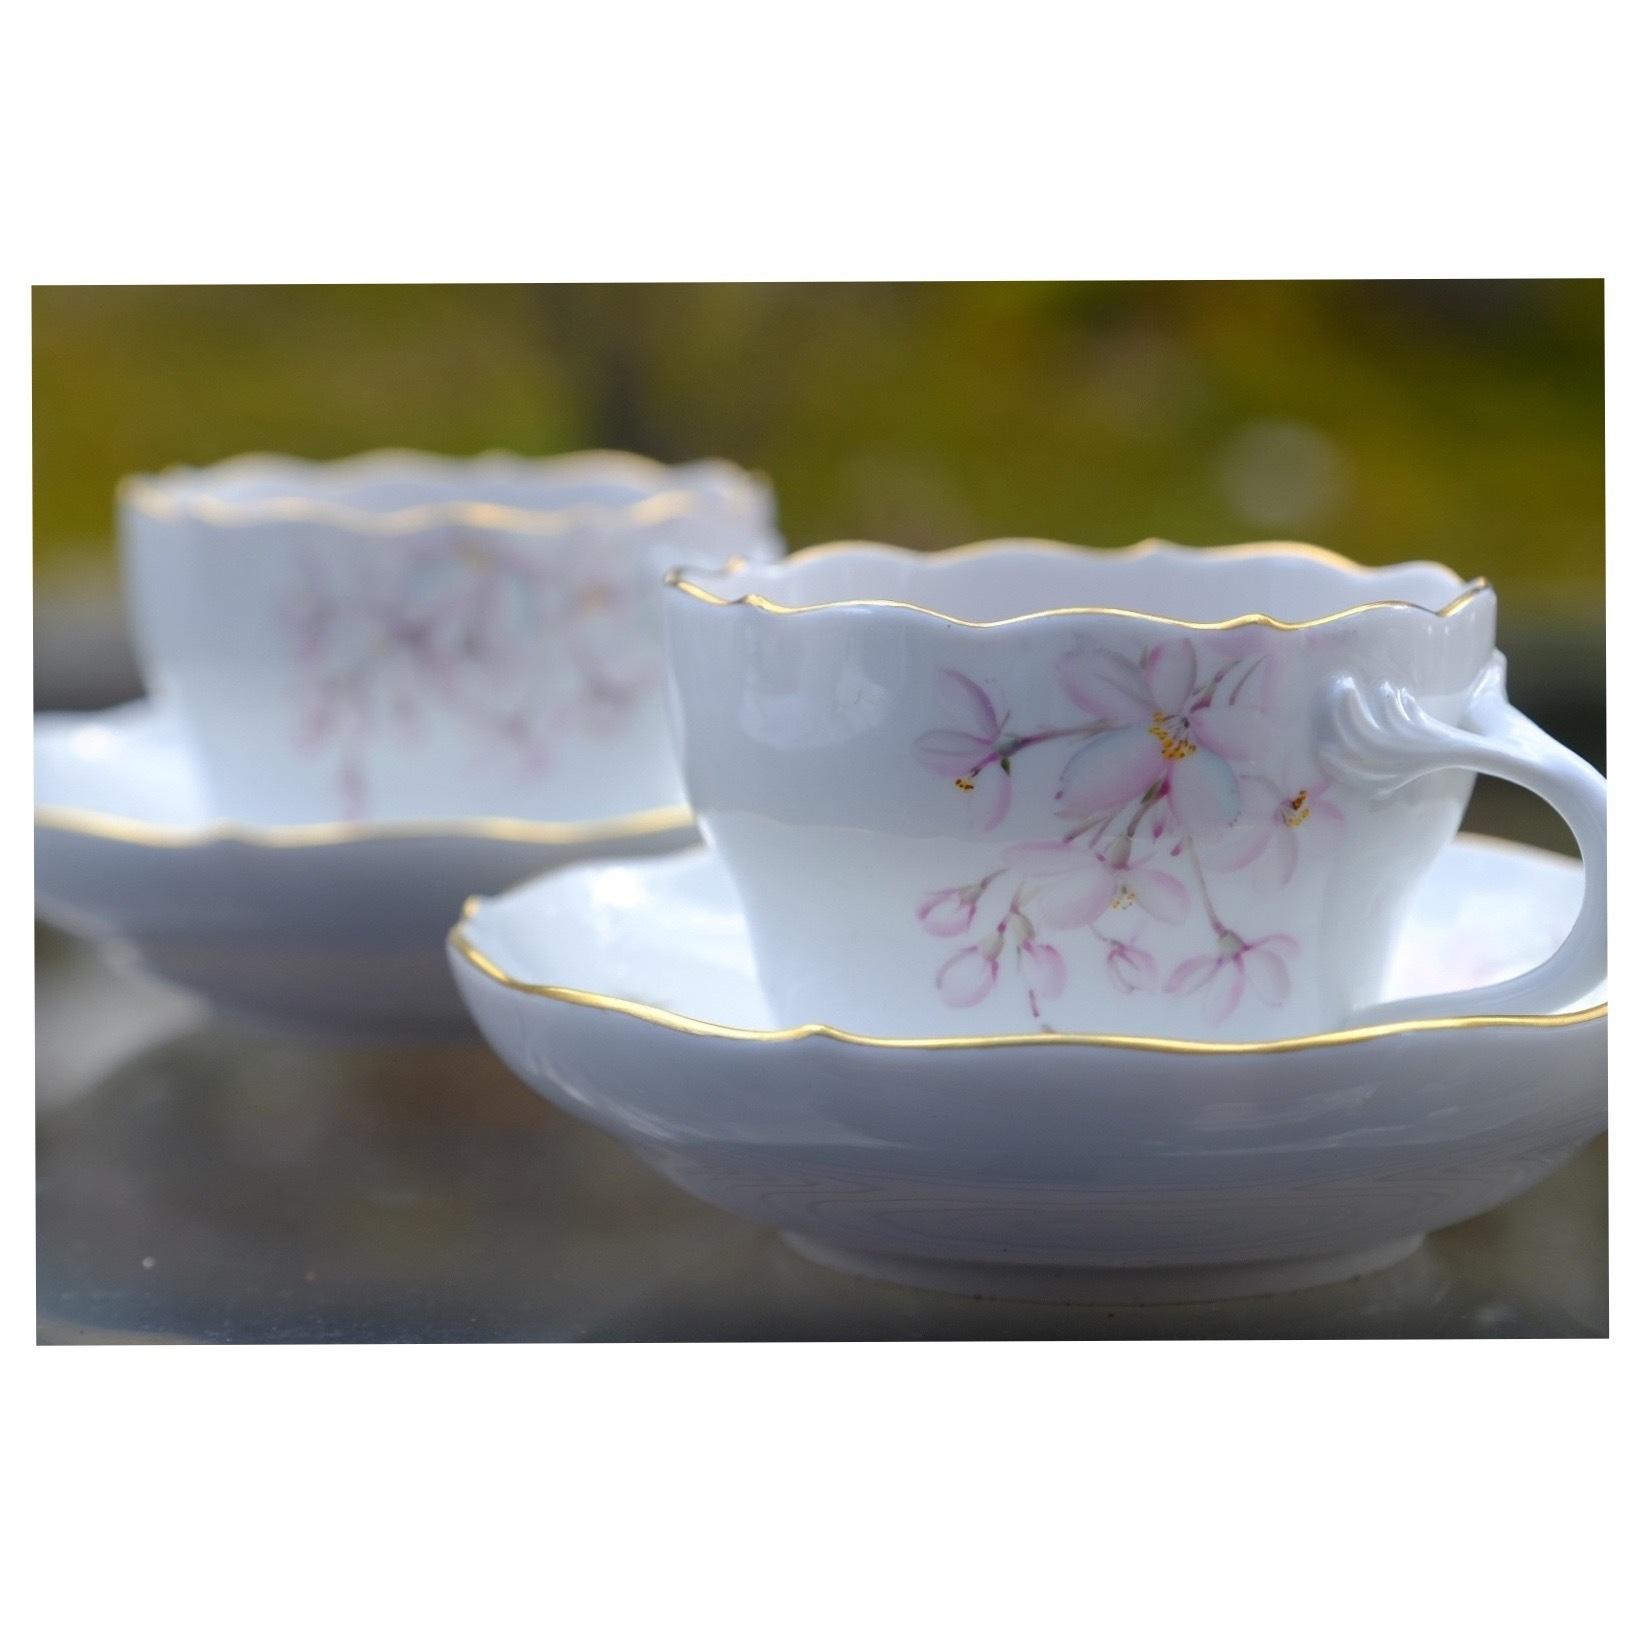 桜を描いた器でお茶時間_a0335867_21330320.jpeg